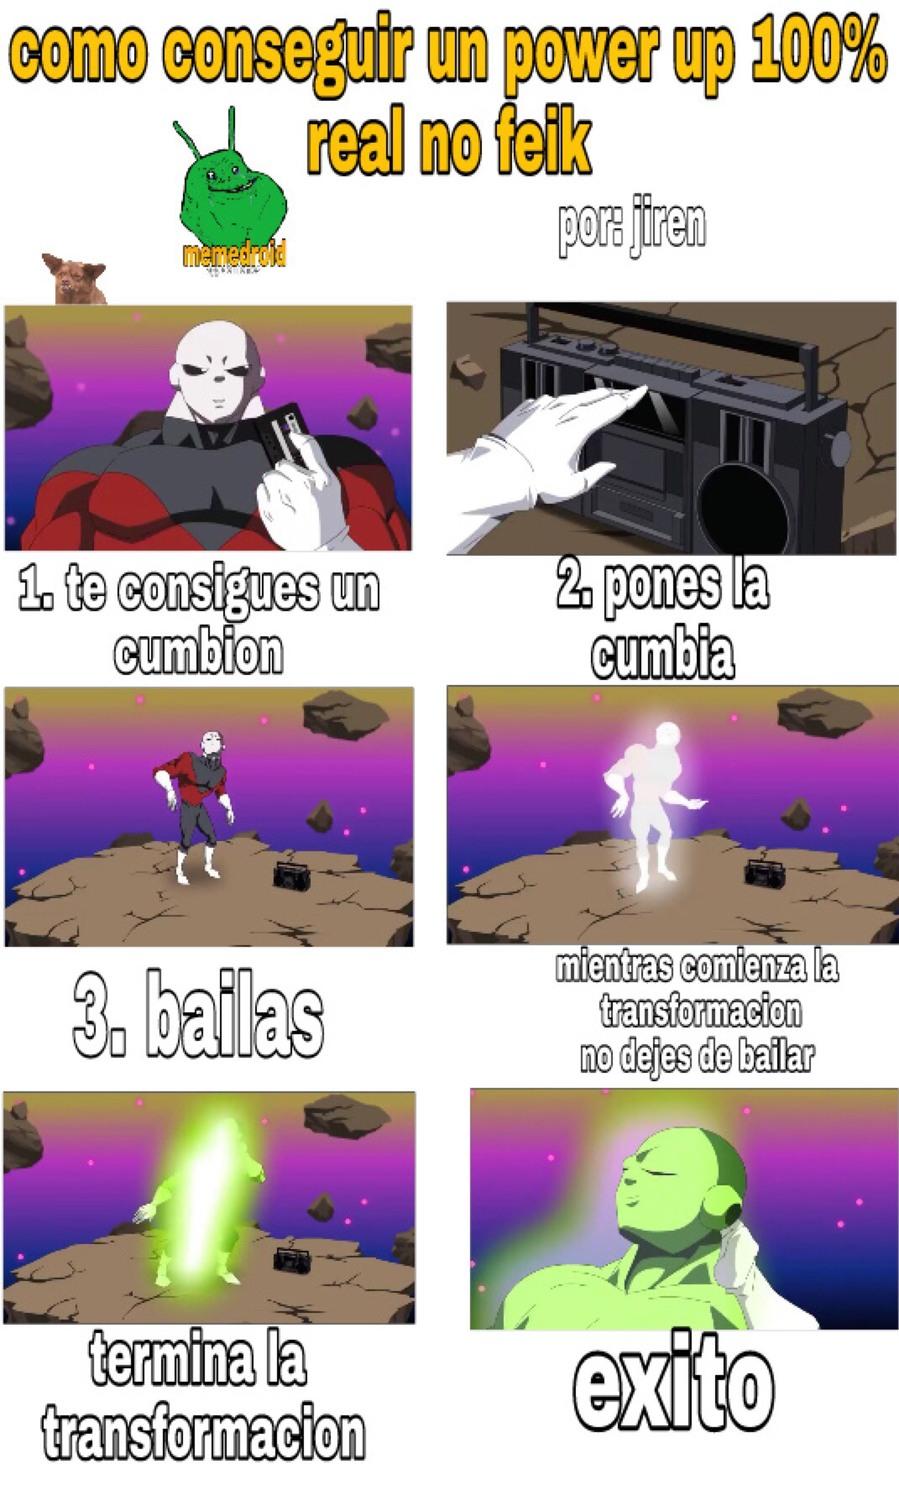 el poder de la cumbia - meme